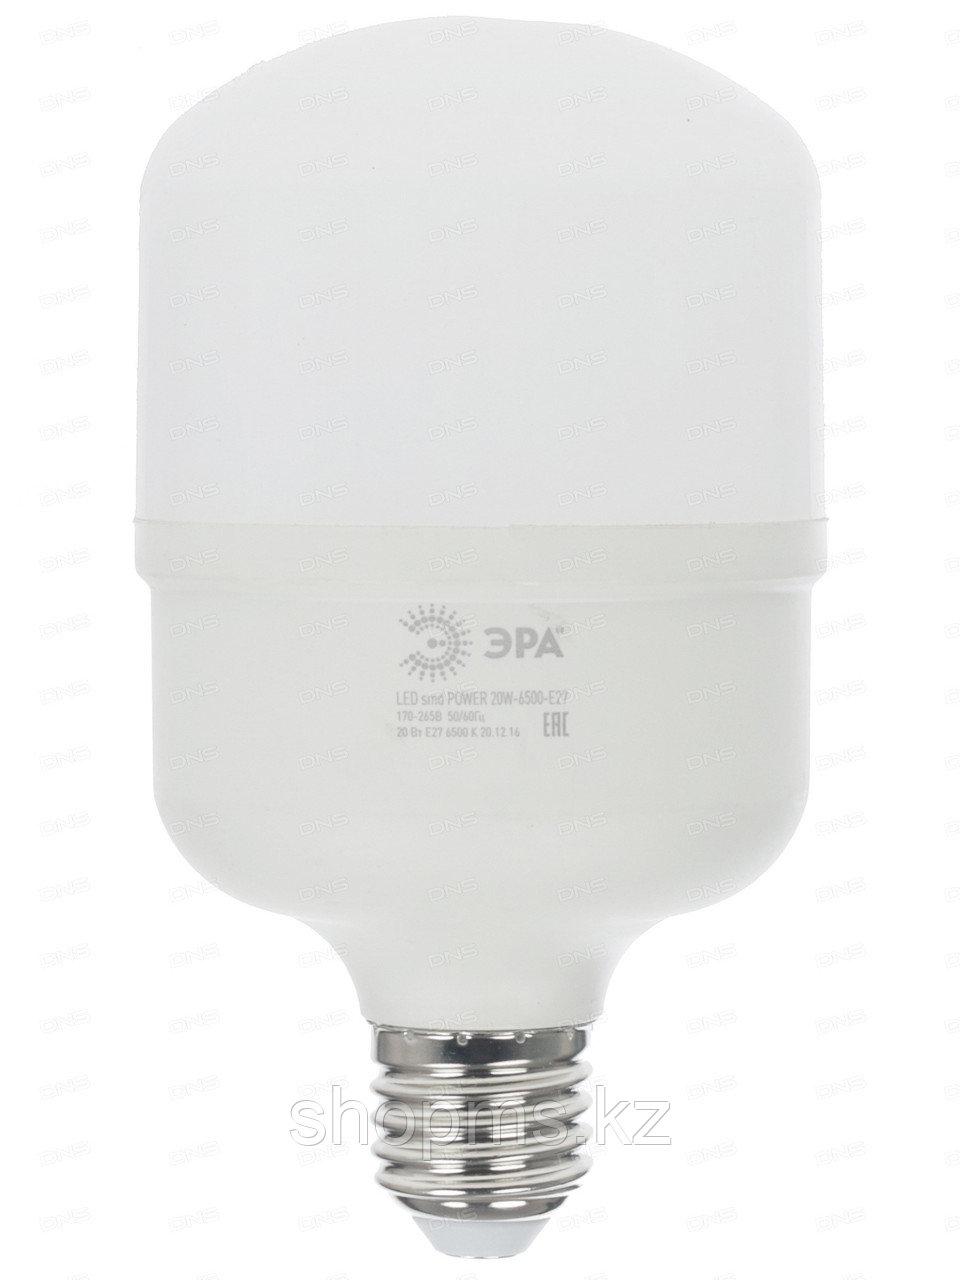 Лампа св/диод ЭРА LED smd POWER 20w-6500-E27